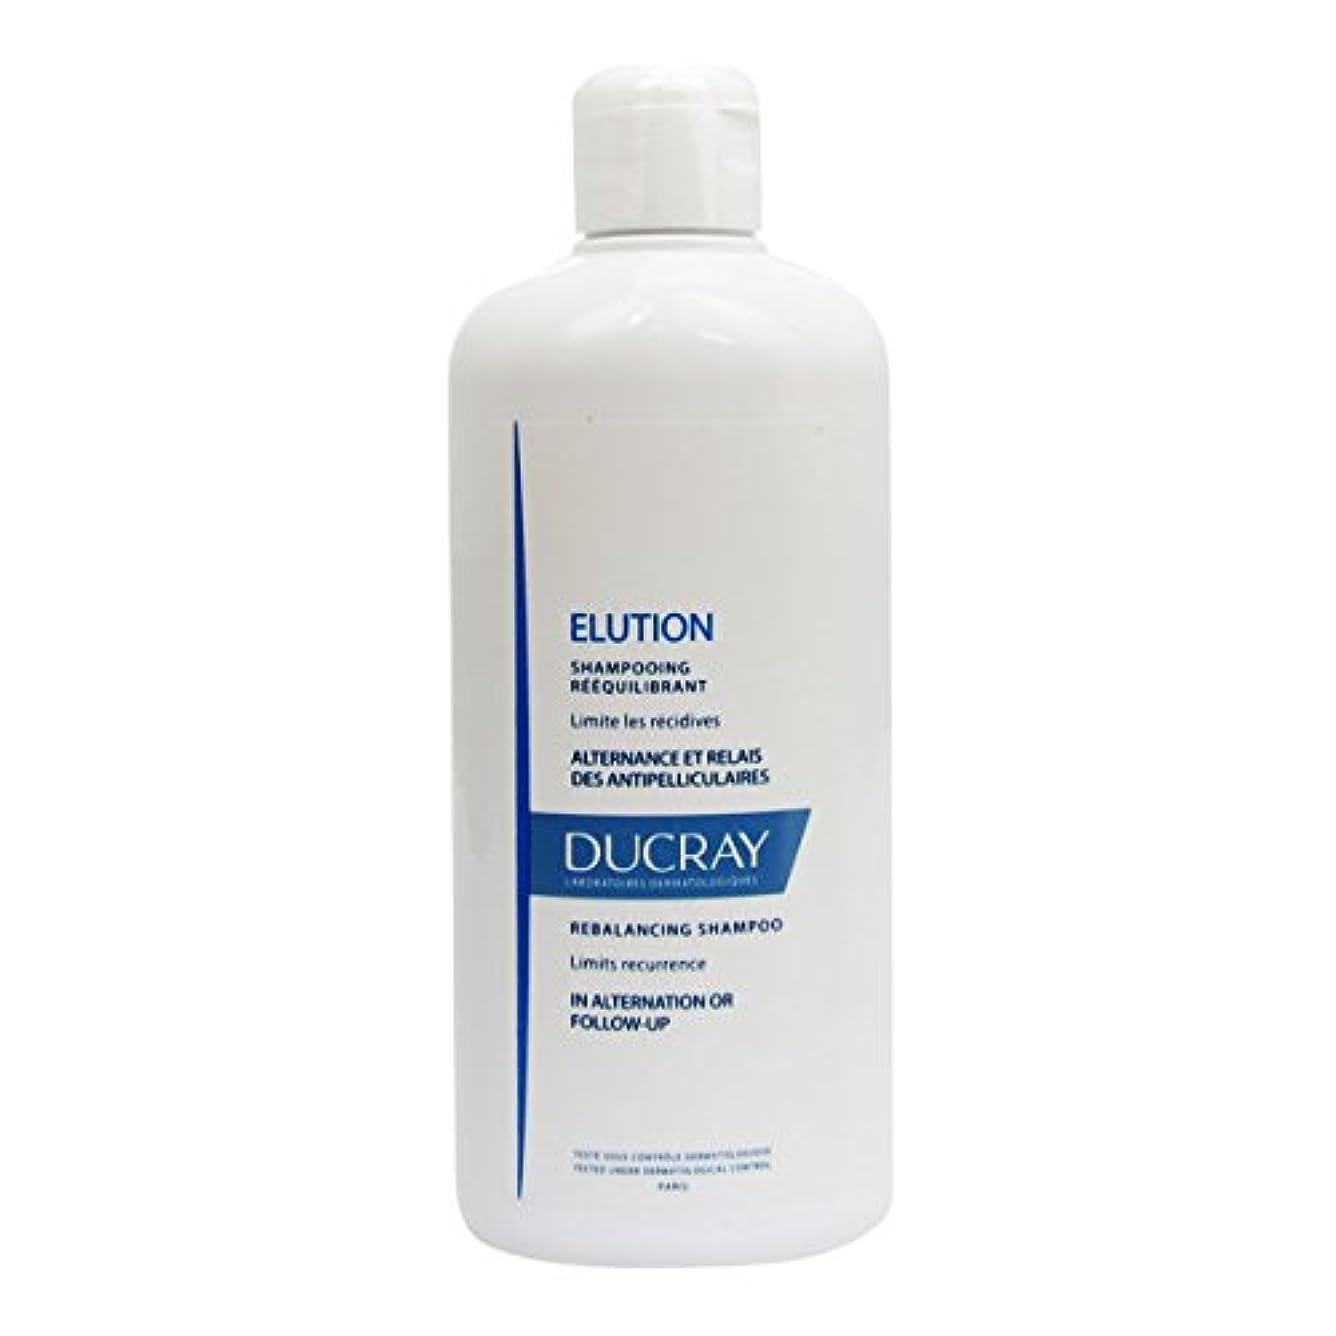 証明するペンス噴水Ducray Elution Rebalancing Shampoo 400ml [並行輸入品]